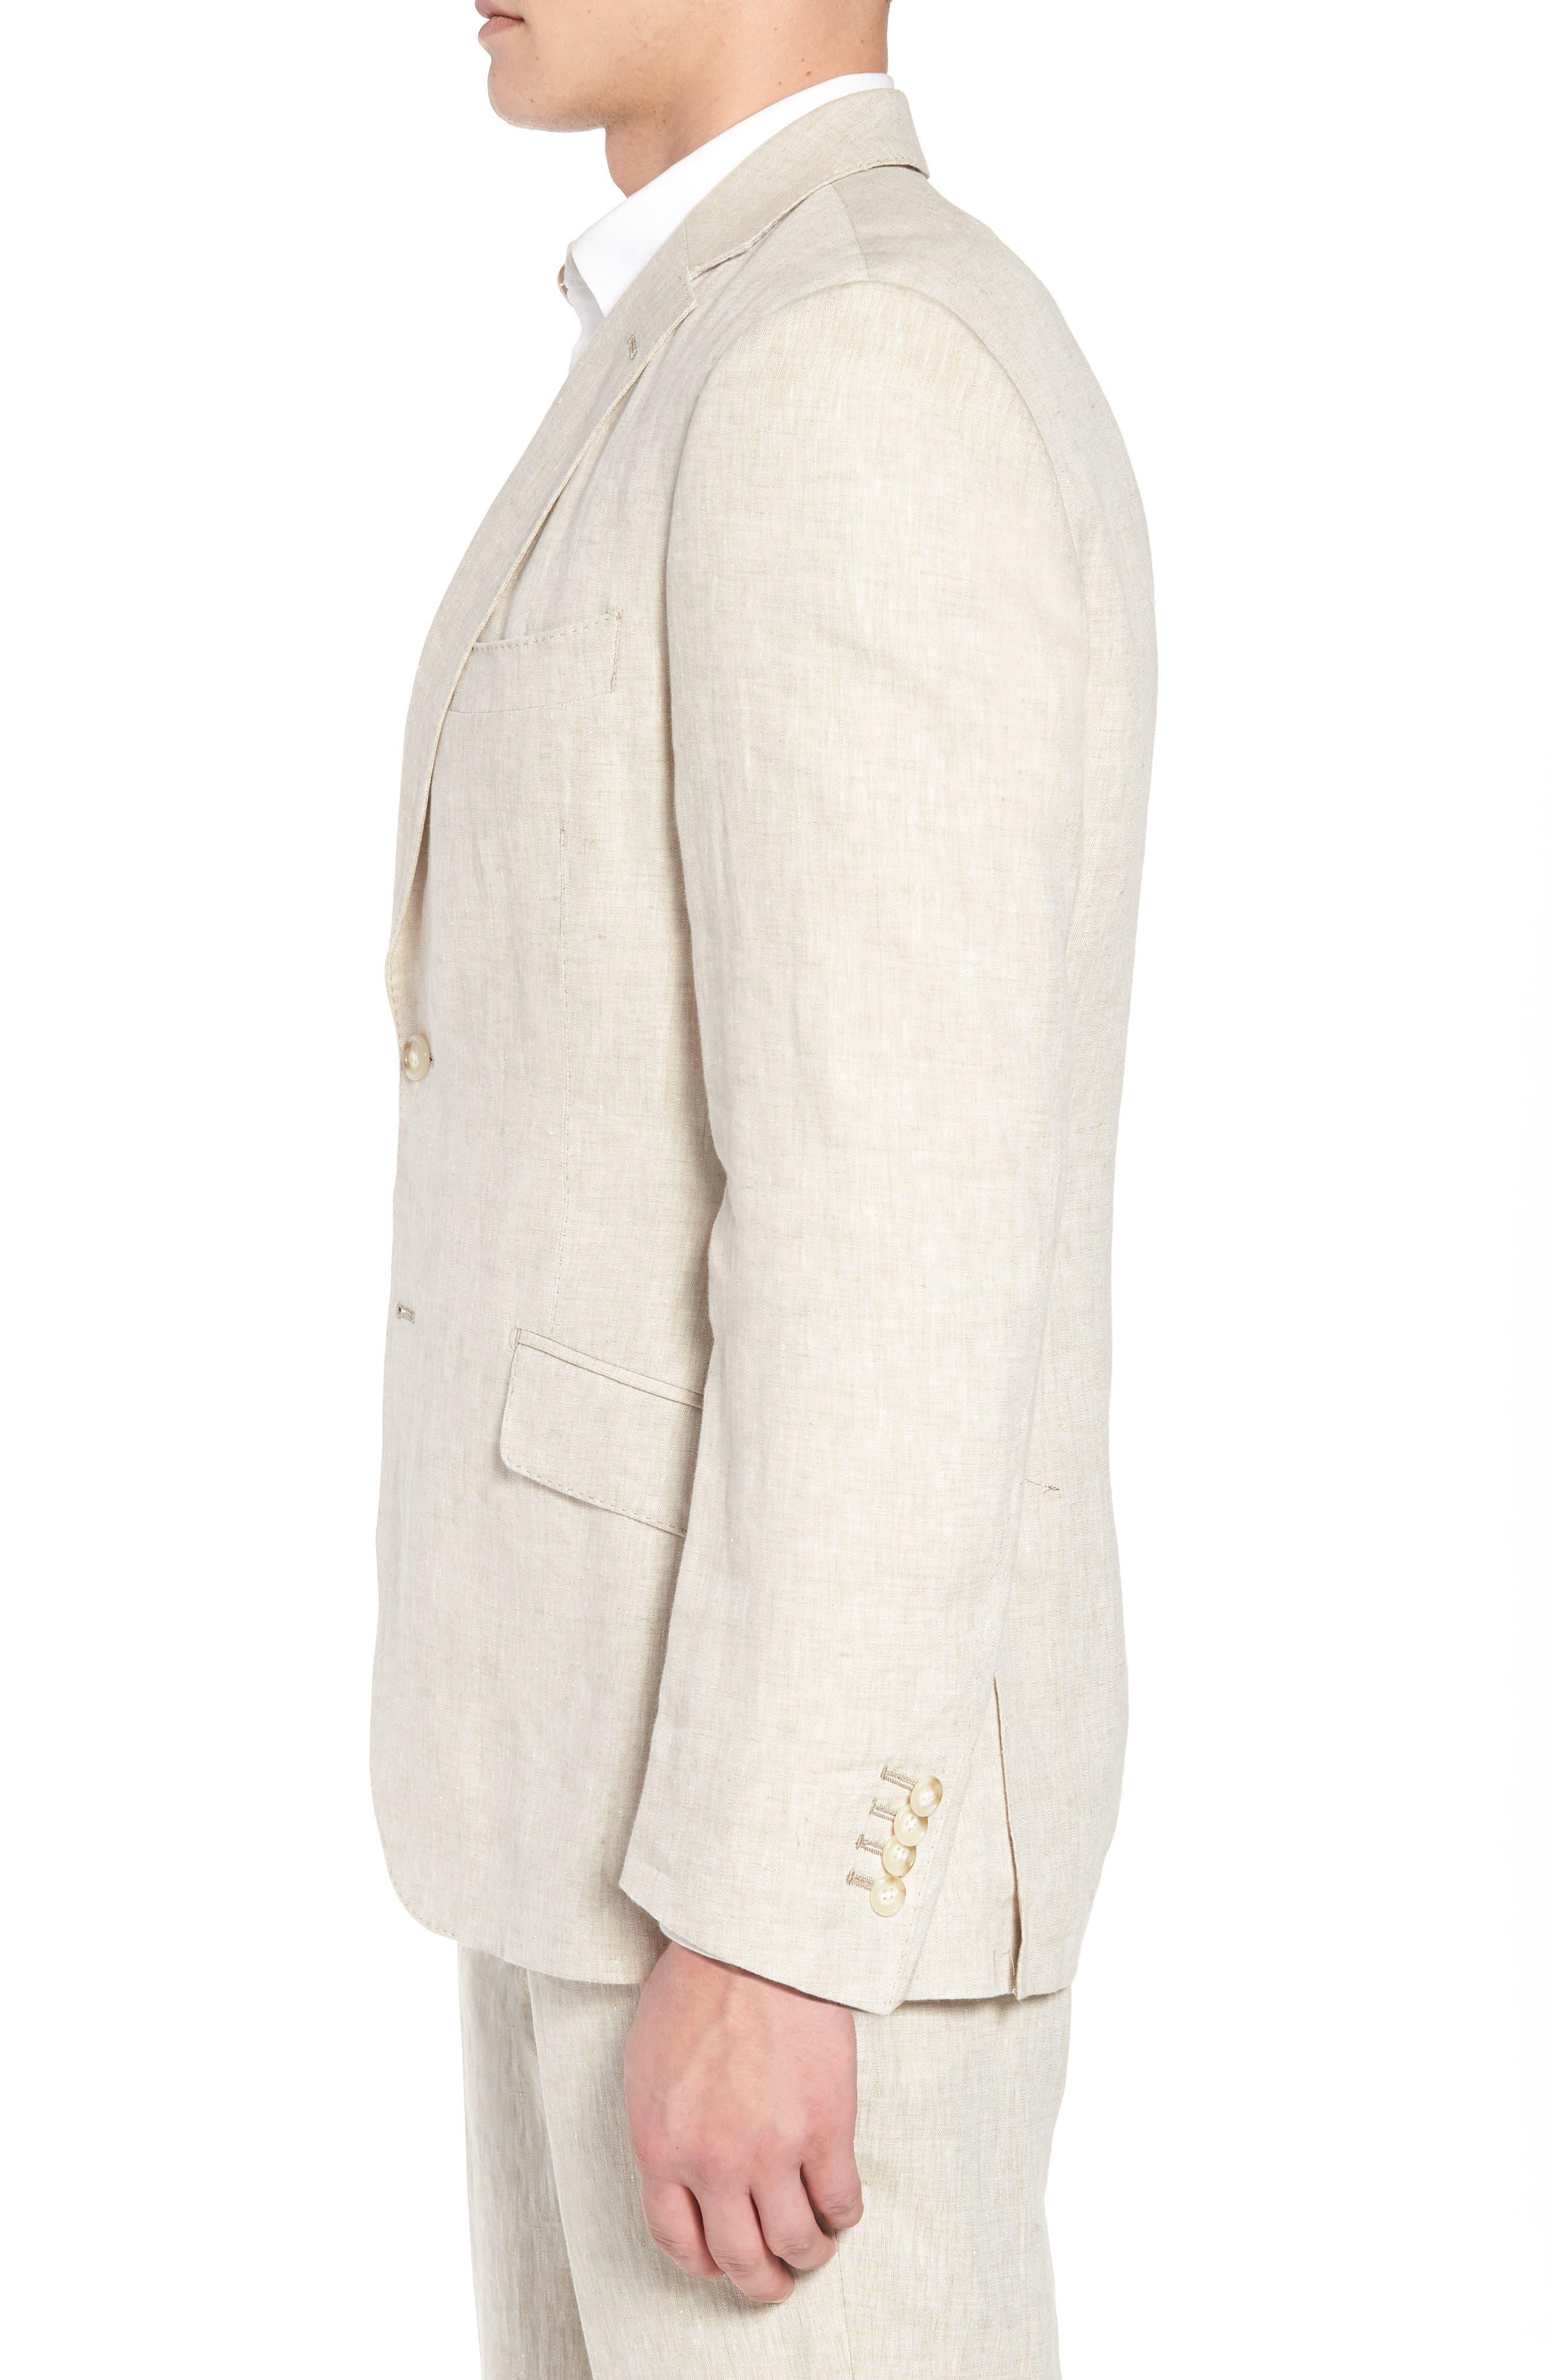 Jack AIM Classic Fit Linen Blazer,                             Alternate thumbnail 3, color,                             Natural